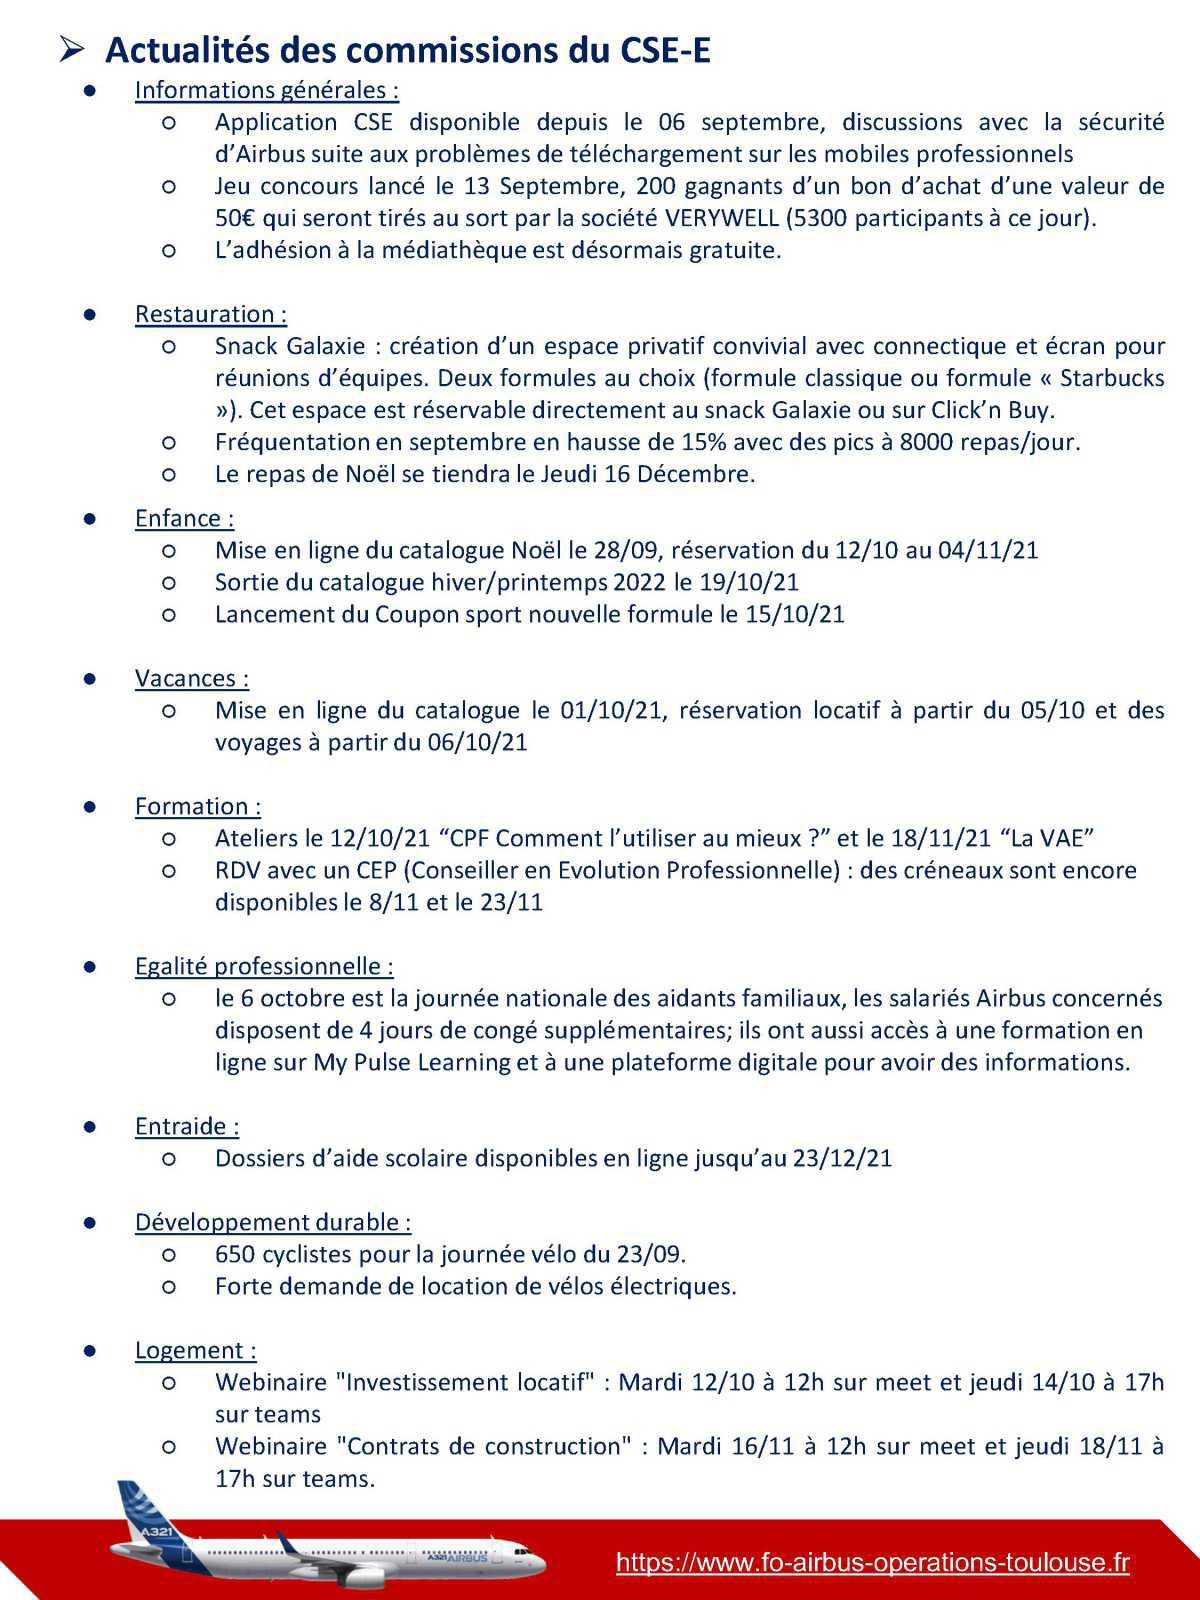 Compte rendu du CSE-C et CSE-E du 30 septembre 2021